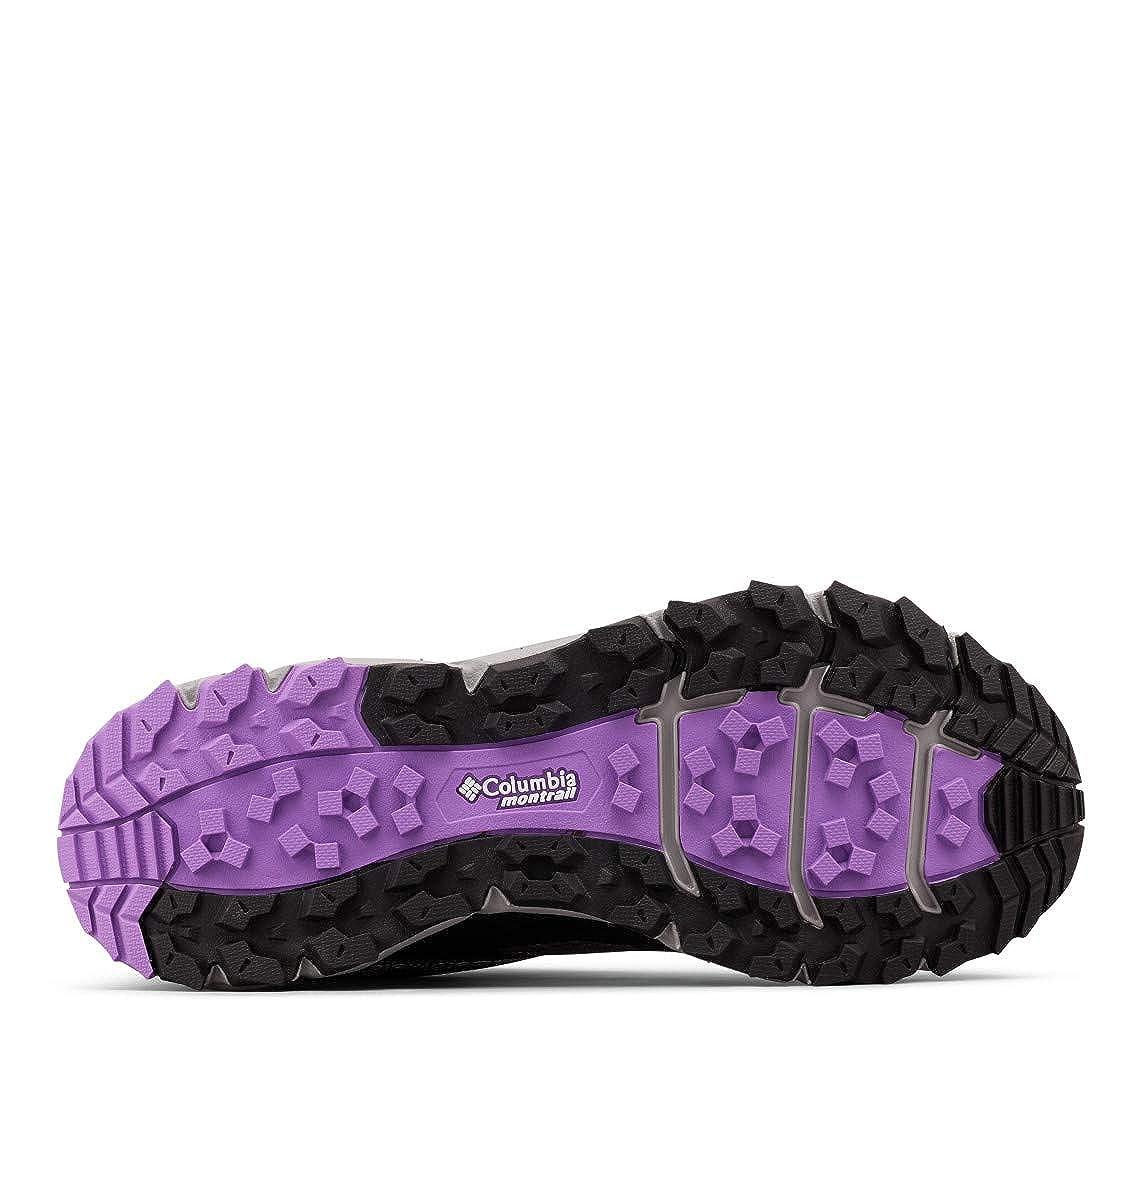 Zapatillas de Running para Asfalto para Mujer Columbia Caldorado III Outdry